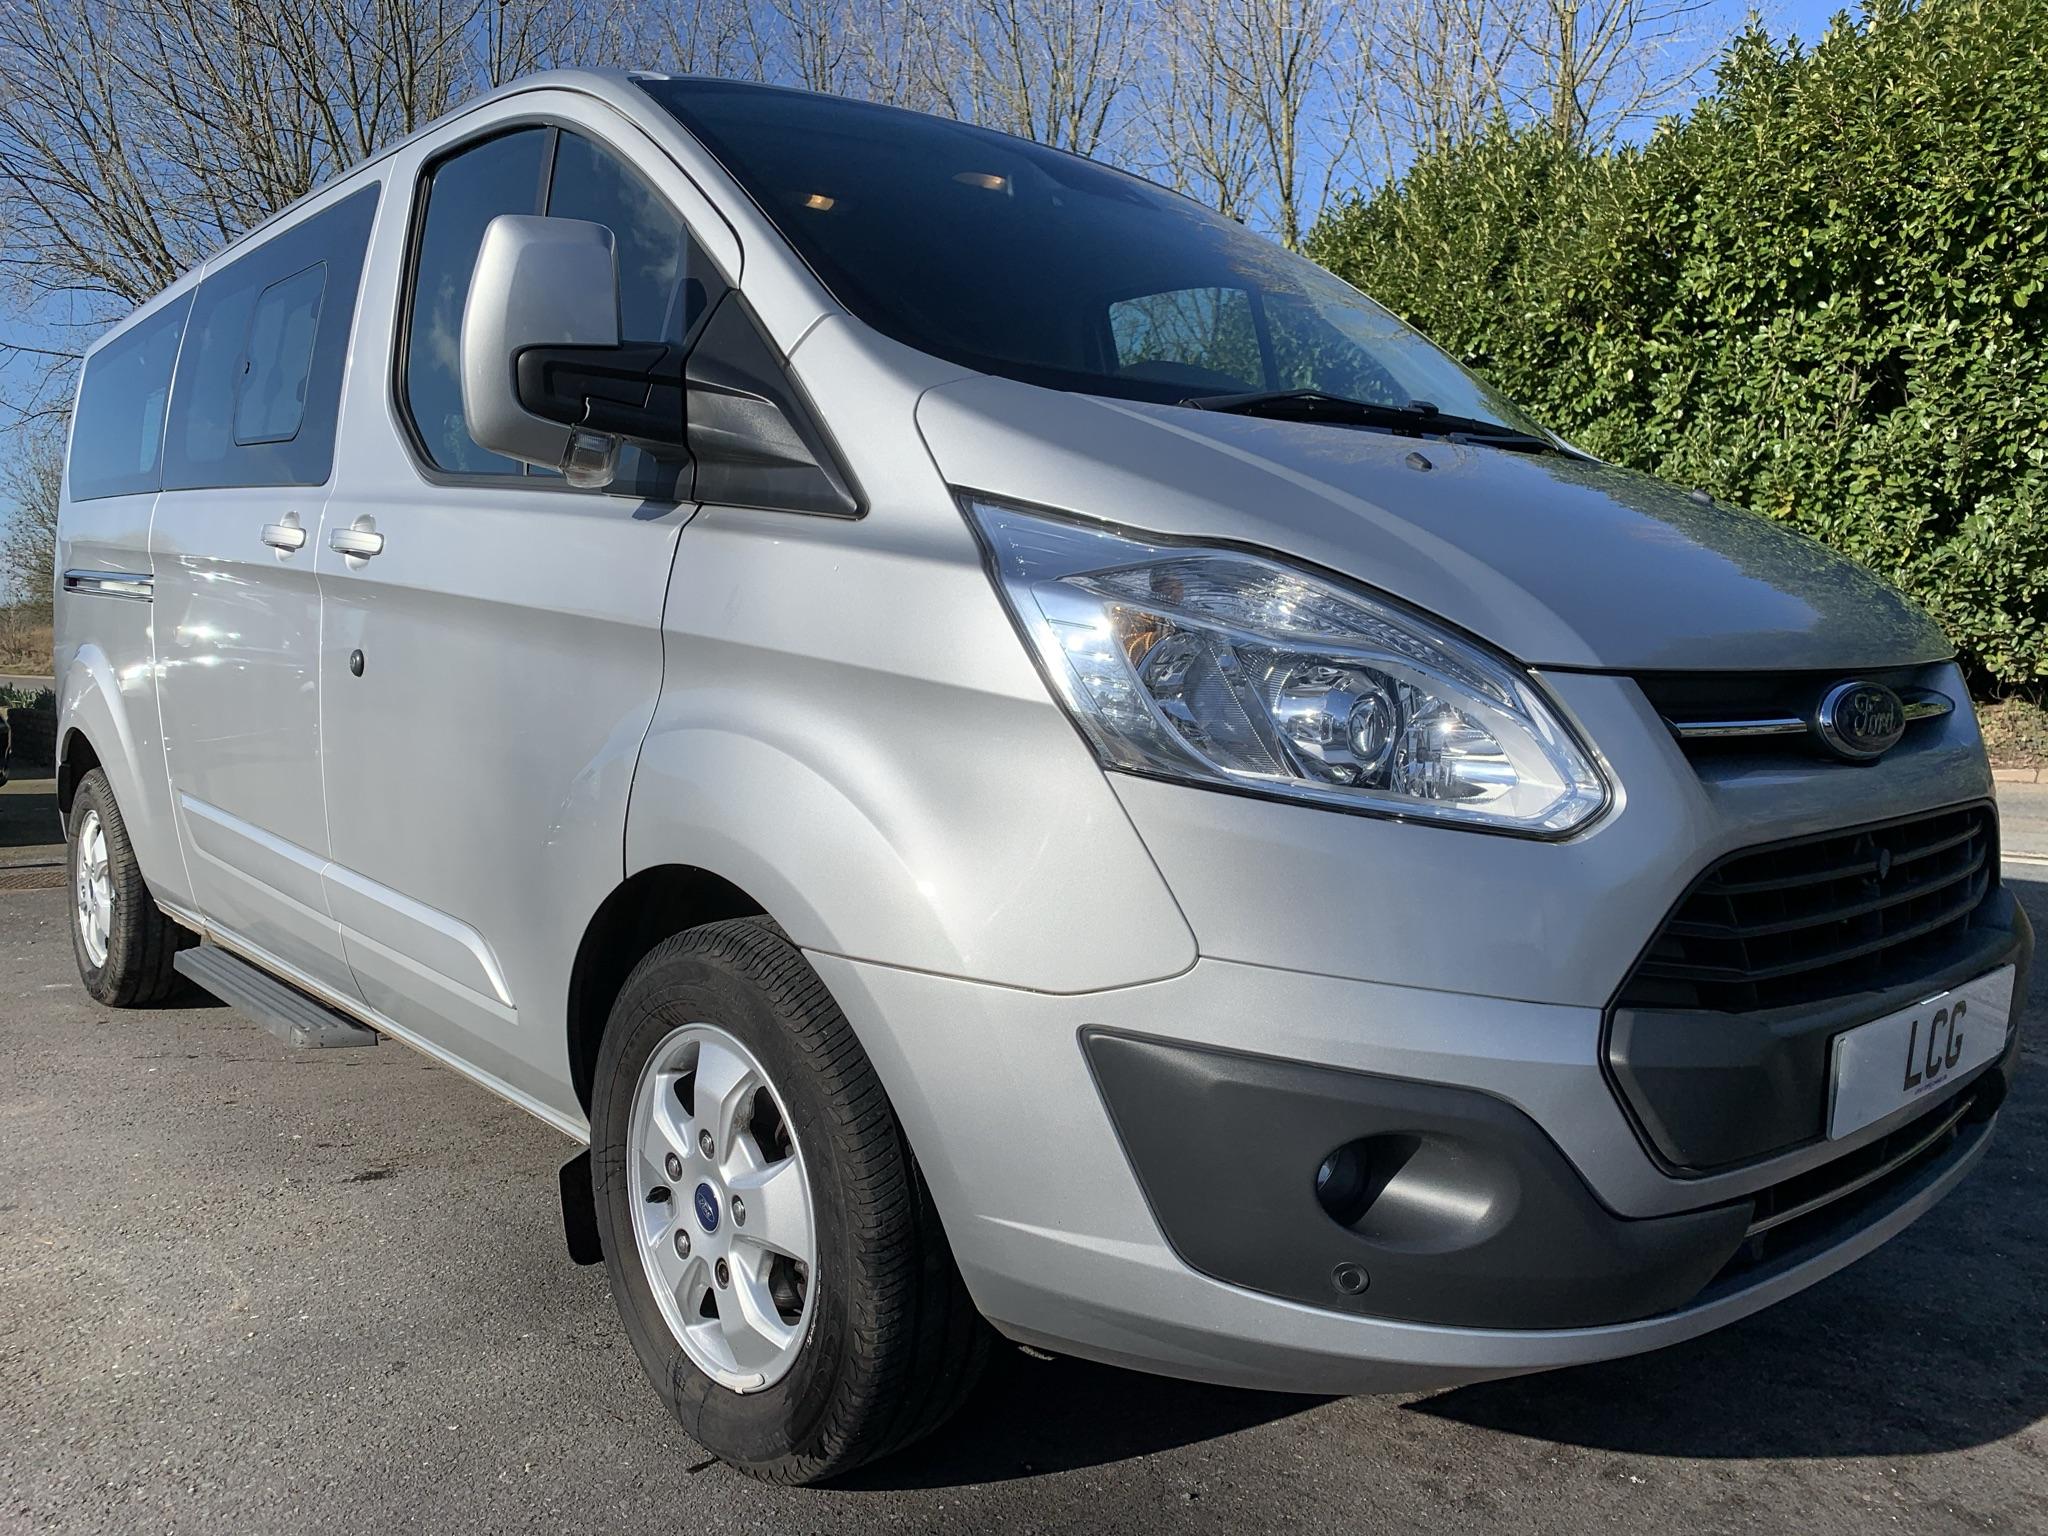 Used Ford Tourneo Custom 310 Titanium 9 Seater Minibus Saloon minibuses for sale in Exeter, Devon